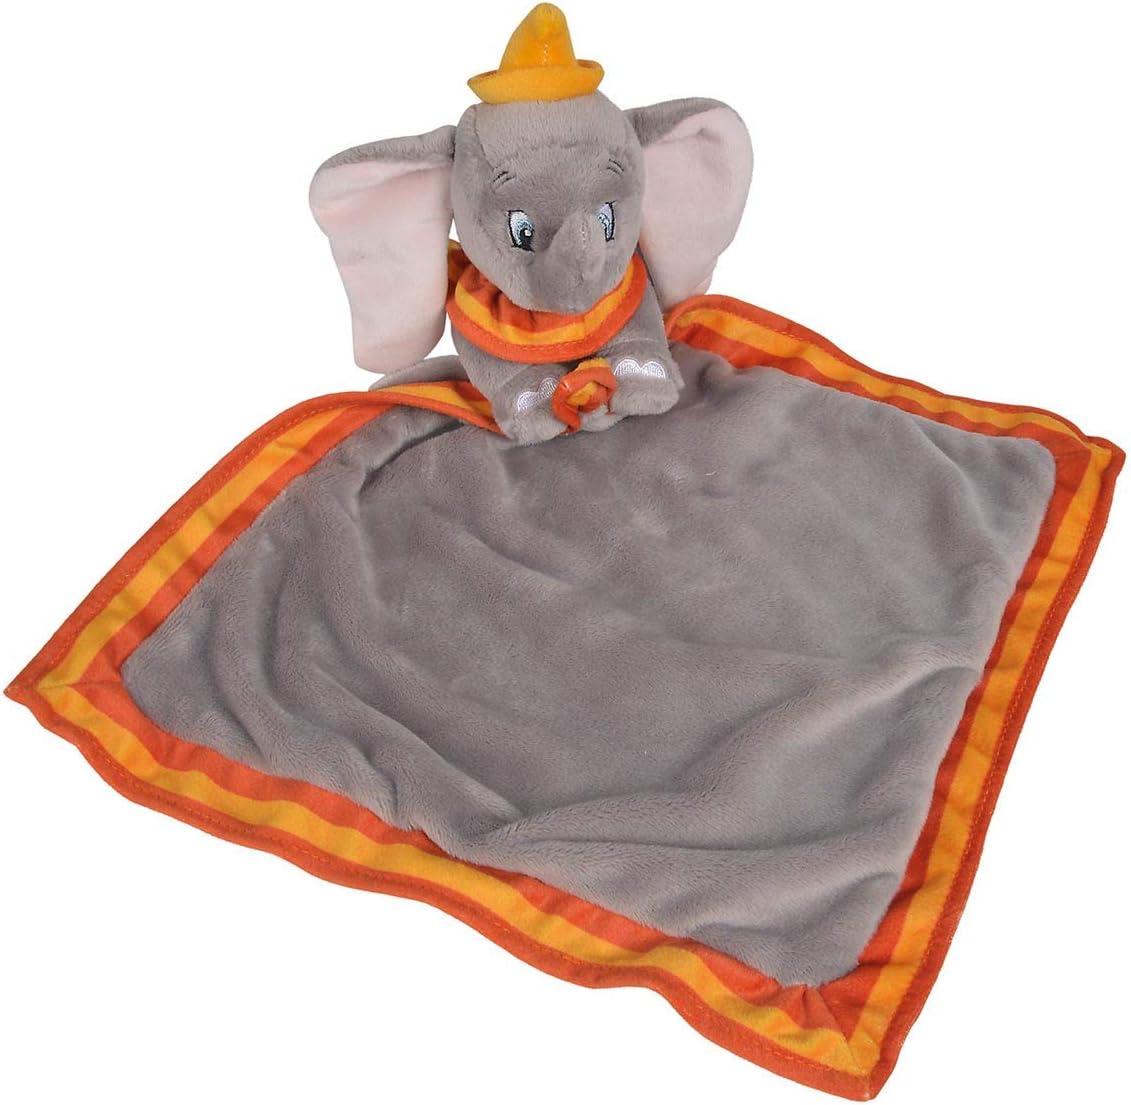 Simba Schmusetuch groß Disney Dumbo-Manta de Seguridad (tamaño Grande), Color 1. (6315876833)